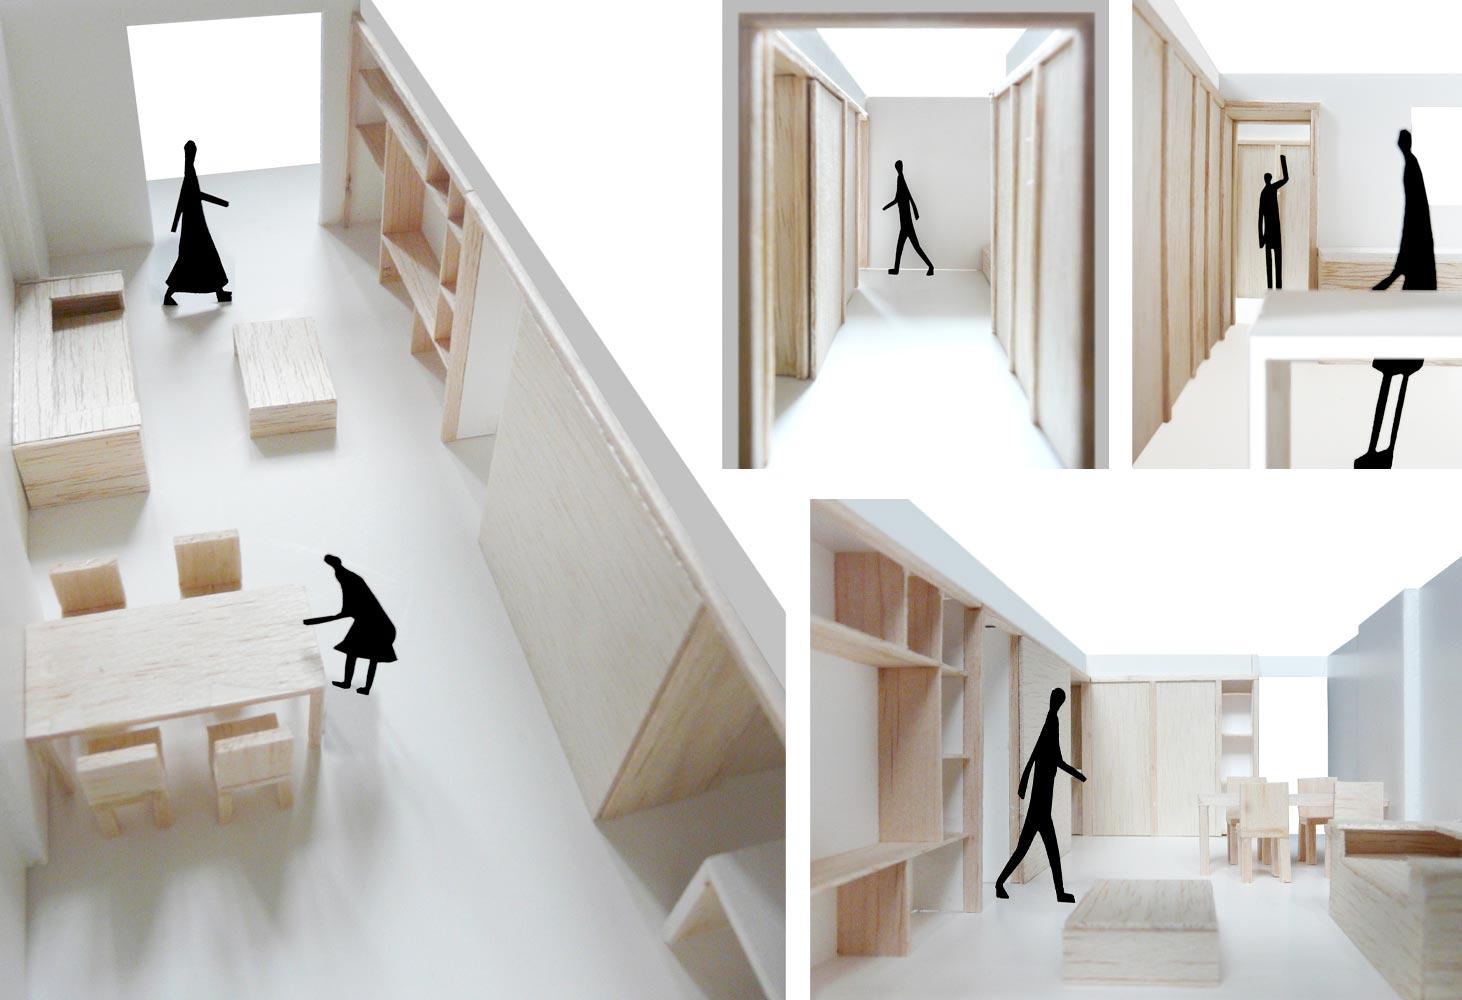 Reforma interior de una vivienda en el poblenou for Vivienda interior